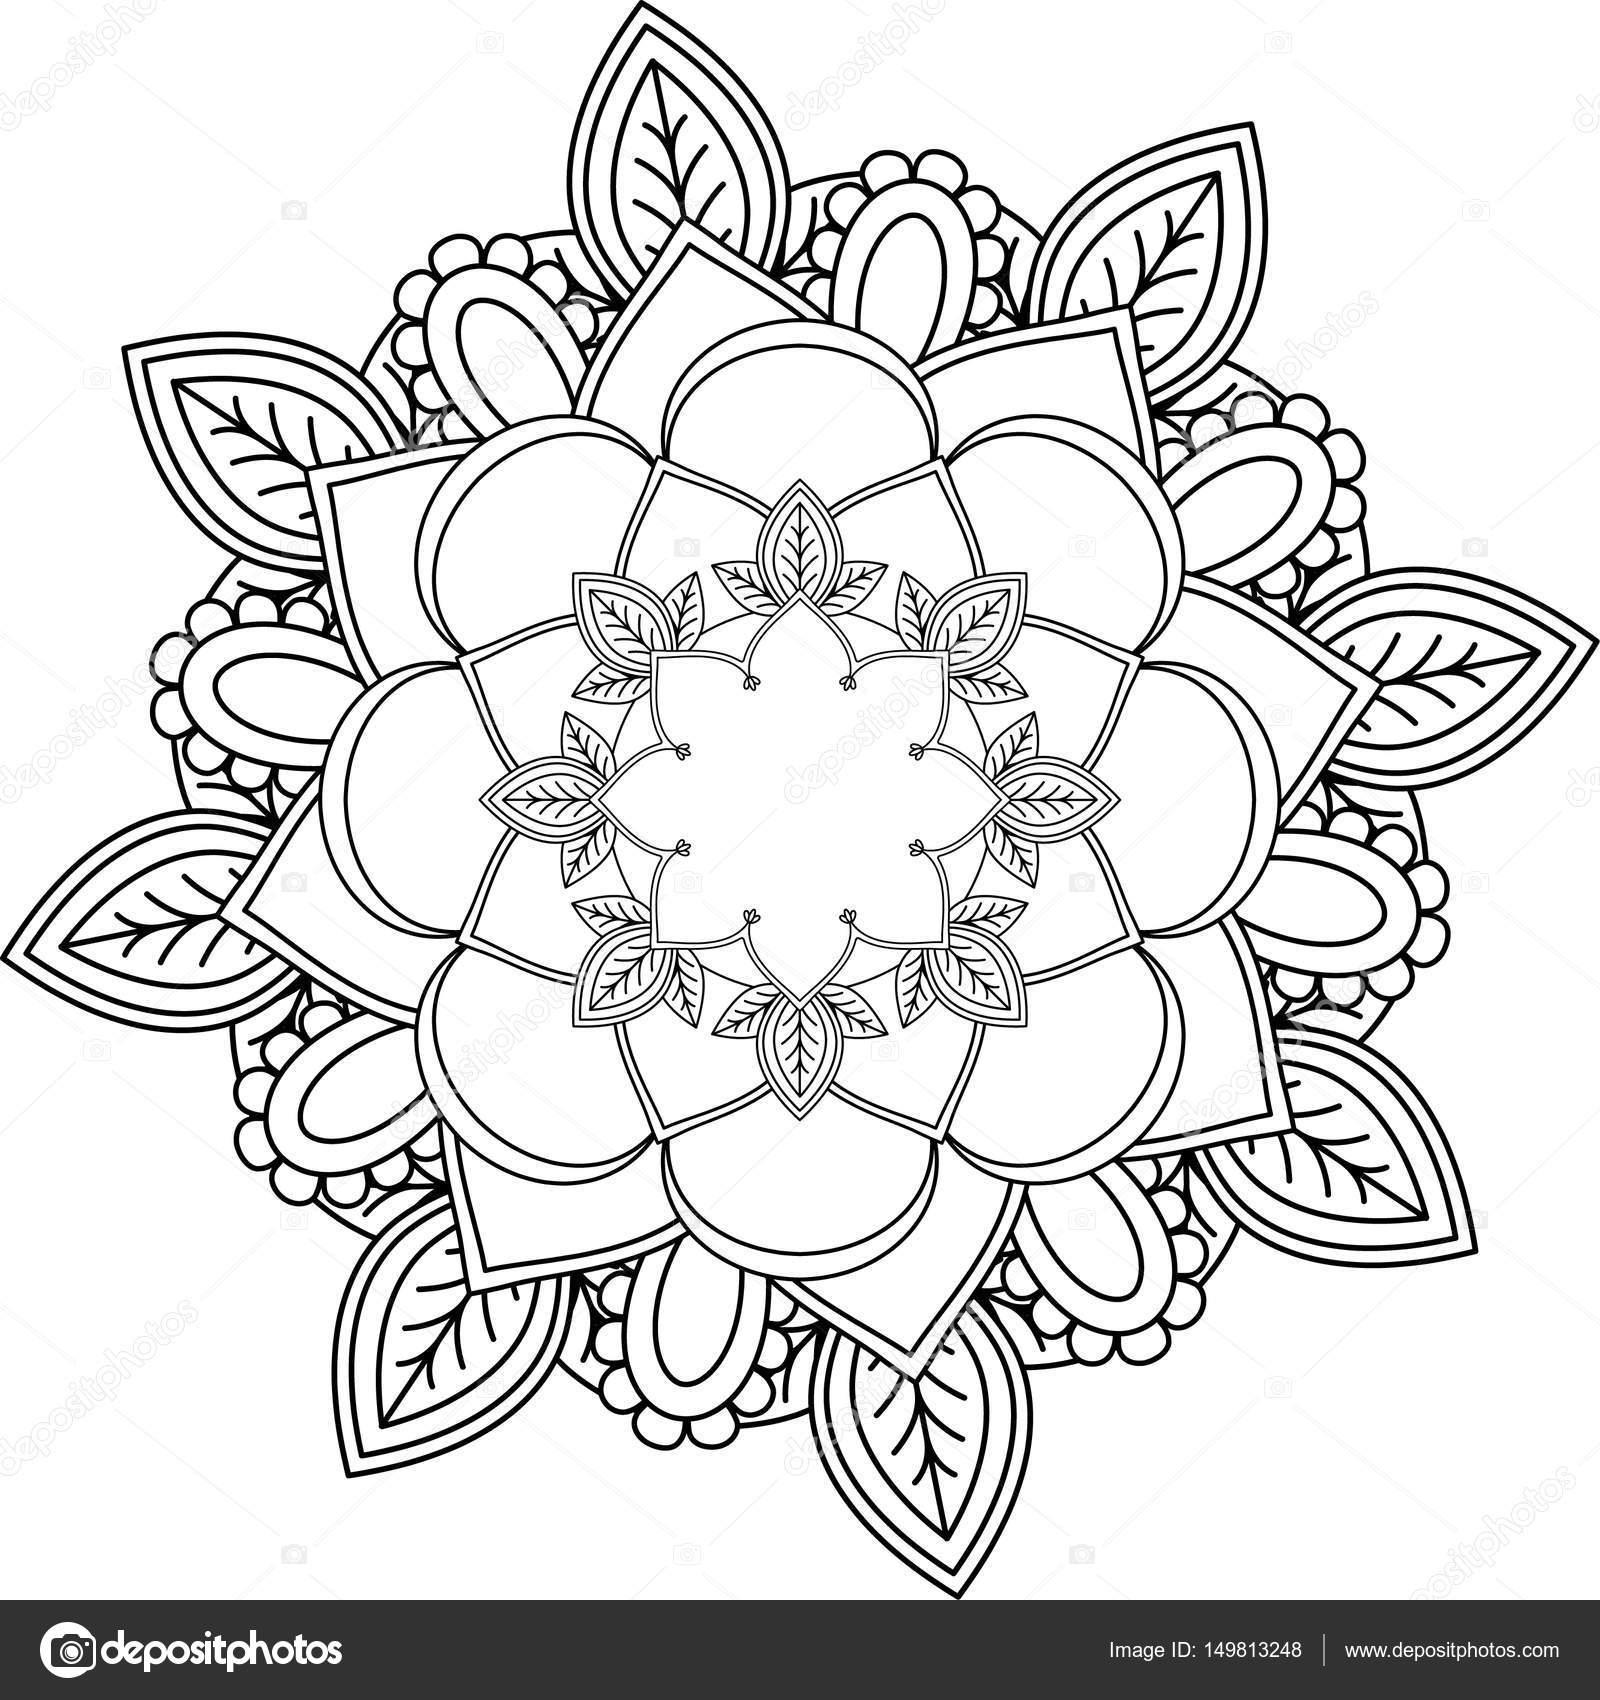 1600x1700 Mandalas Drawing Wallpaper Stock Photo Outsiderzone